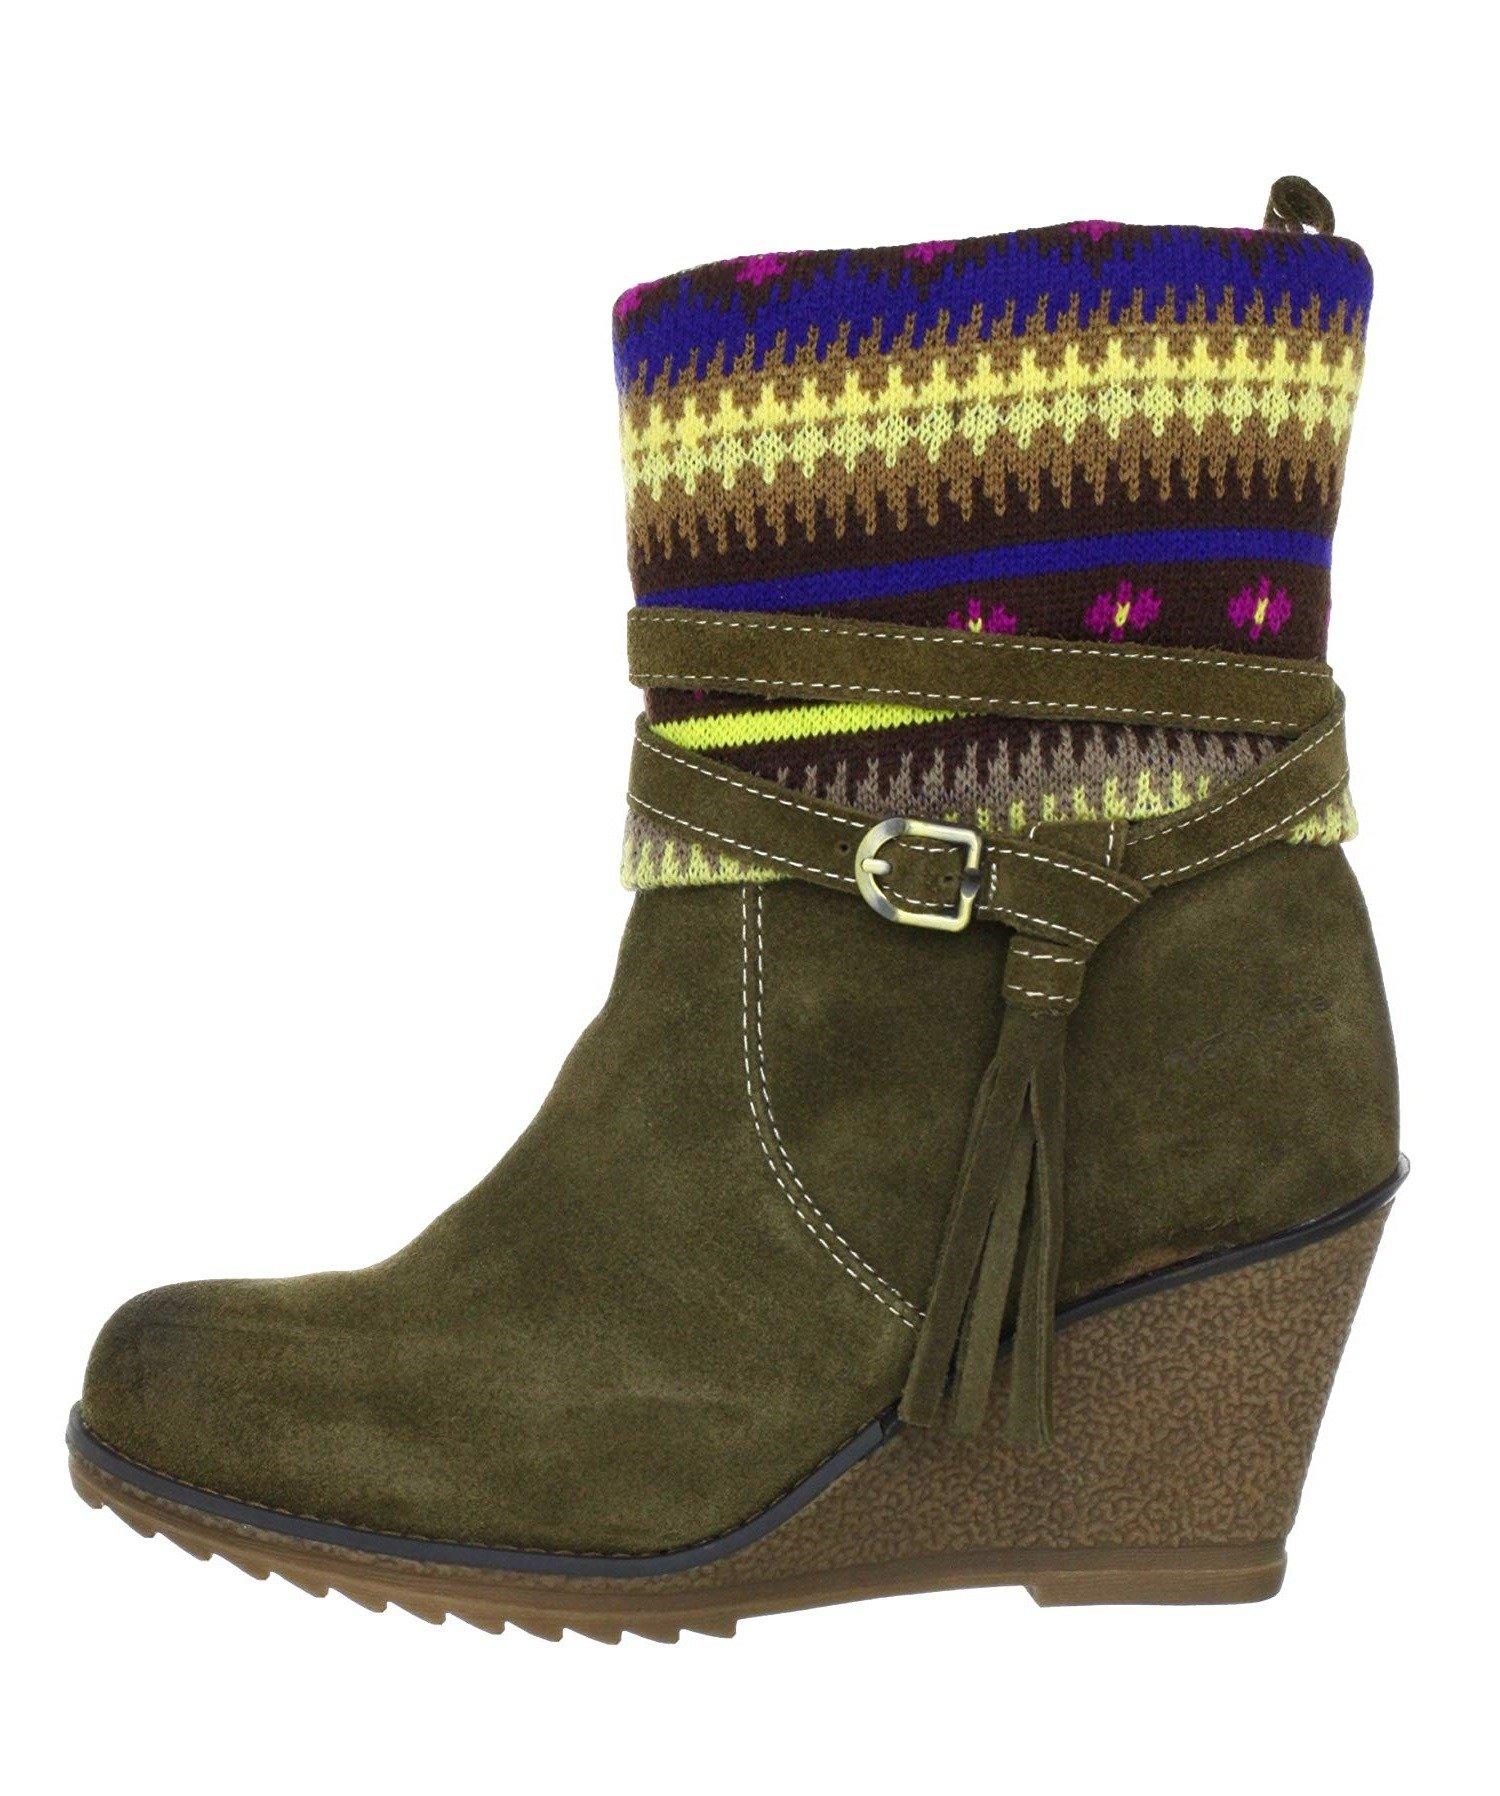 TAMARIS Damen Schuhe Halbstiefel Stiefeletten Keilstiefelette Boots Braun